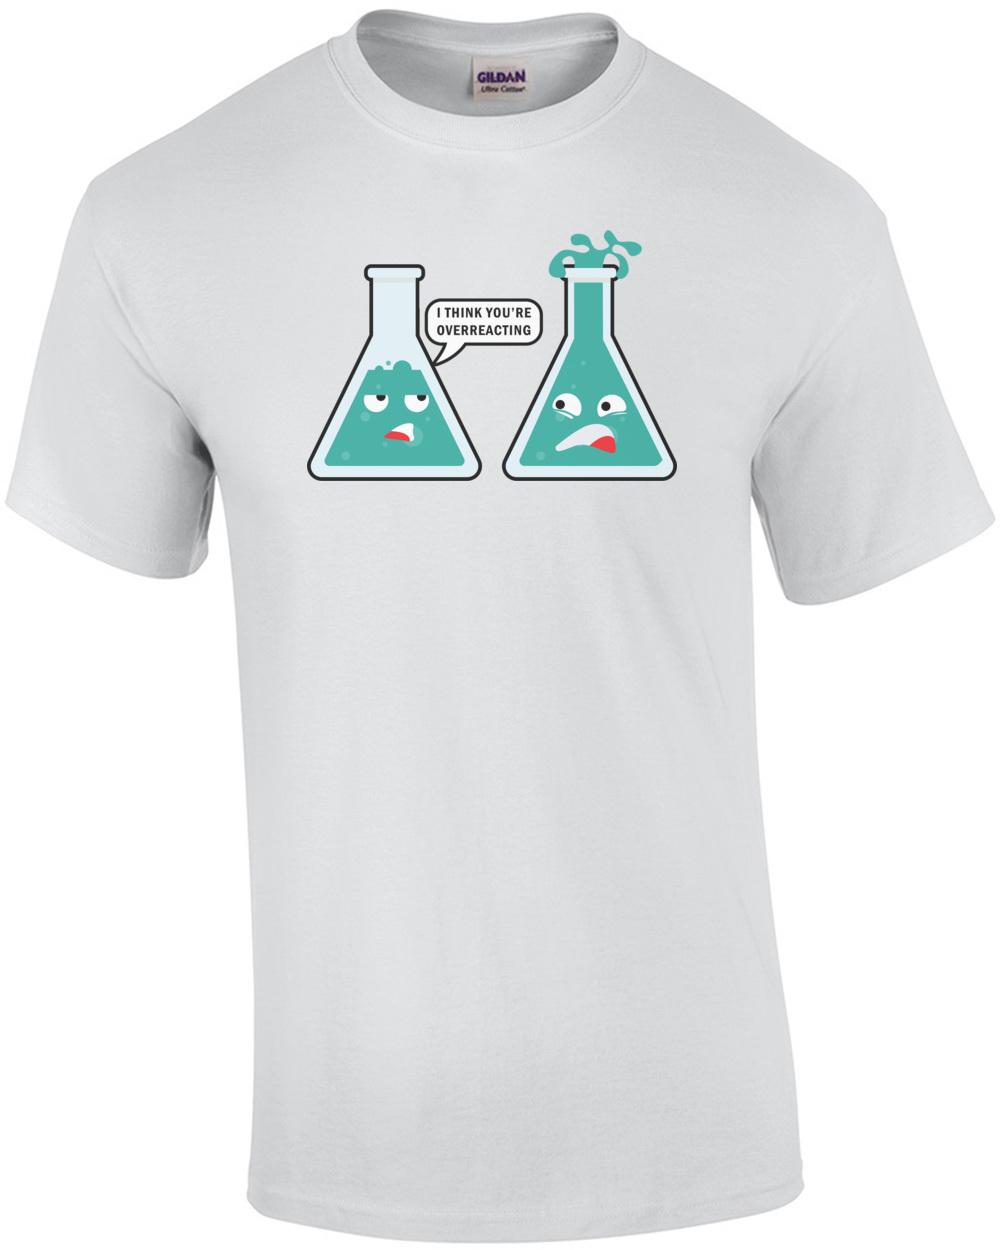 87a154d5fb i-think-youre-overreacting--funny-chemistry-teacher-pun-tshirt -mens-regular-white.jpg